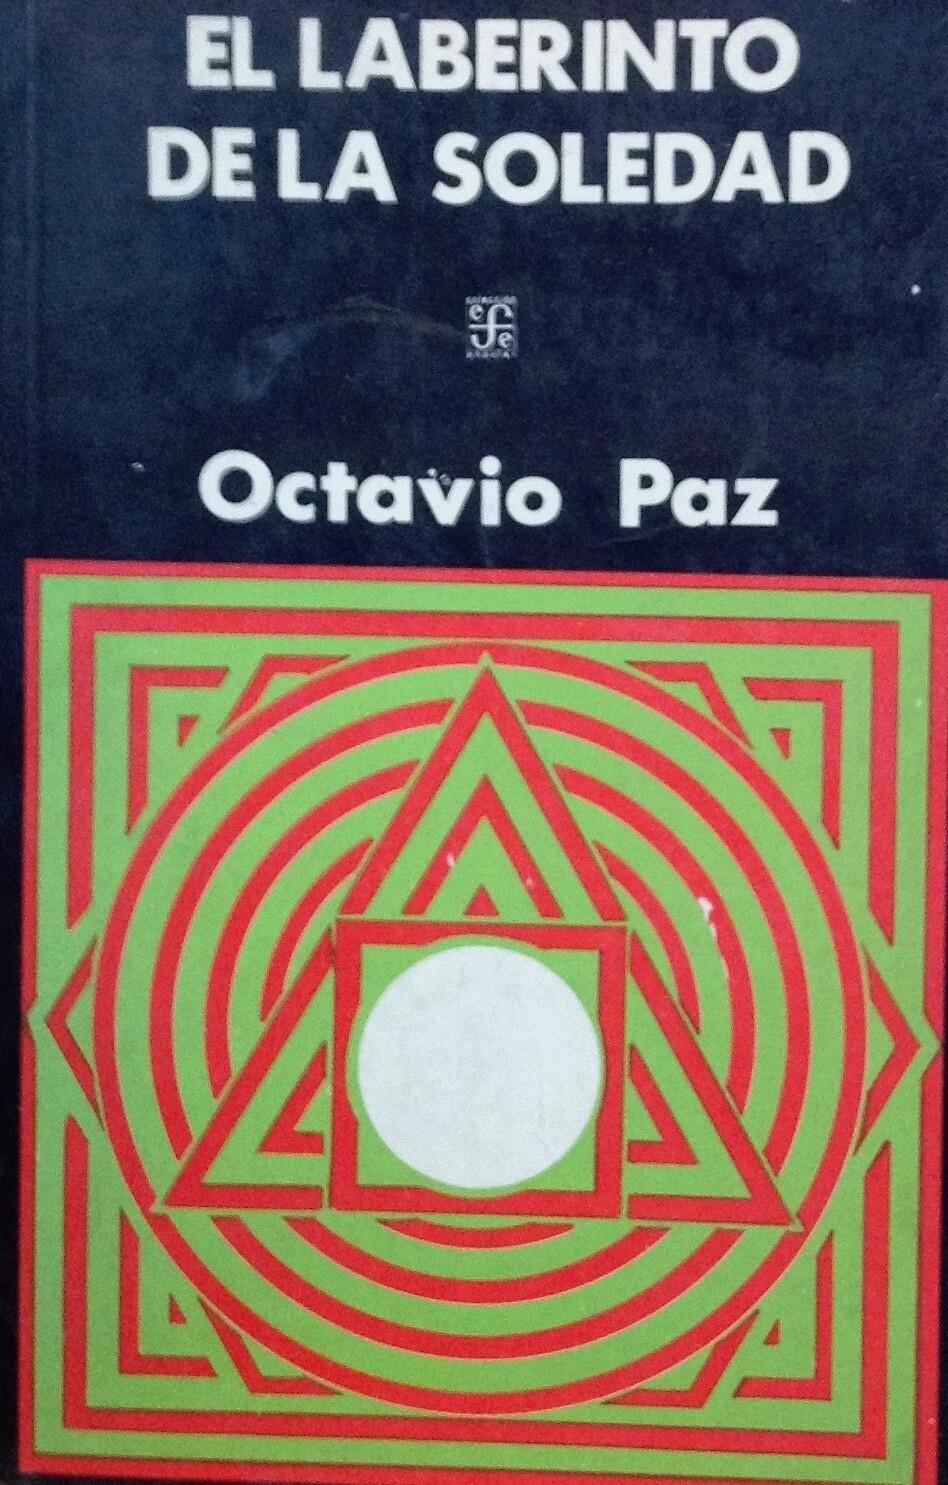 Octavio Paz, El laberinto de la soledad